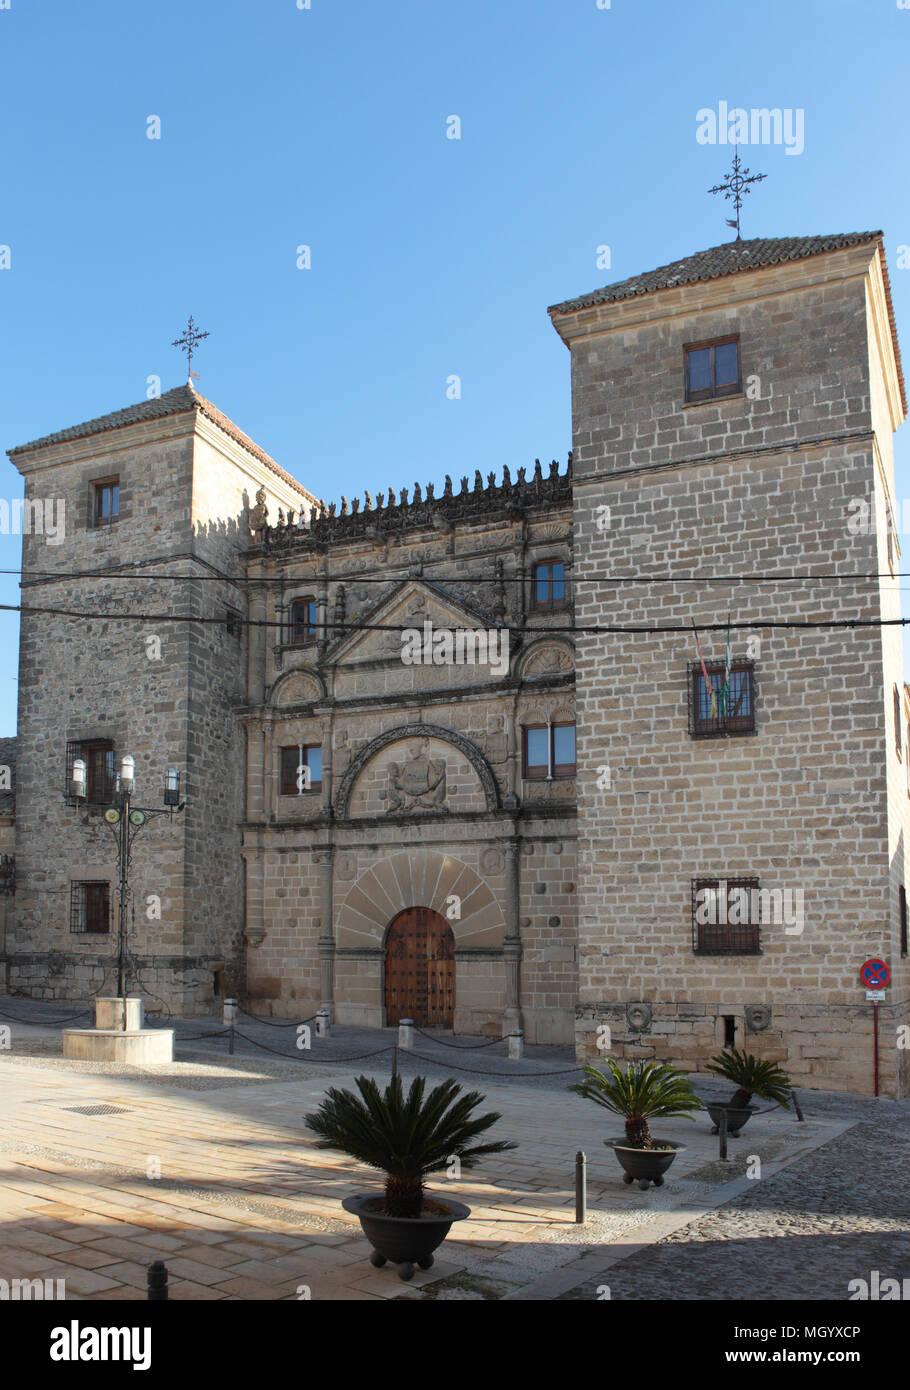 Casa De Las Torres In Ubeda Spain Now The School Of Arts Stock Photo Alamy